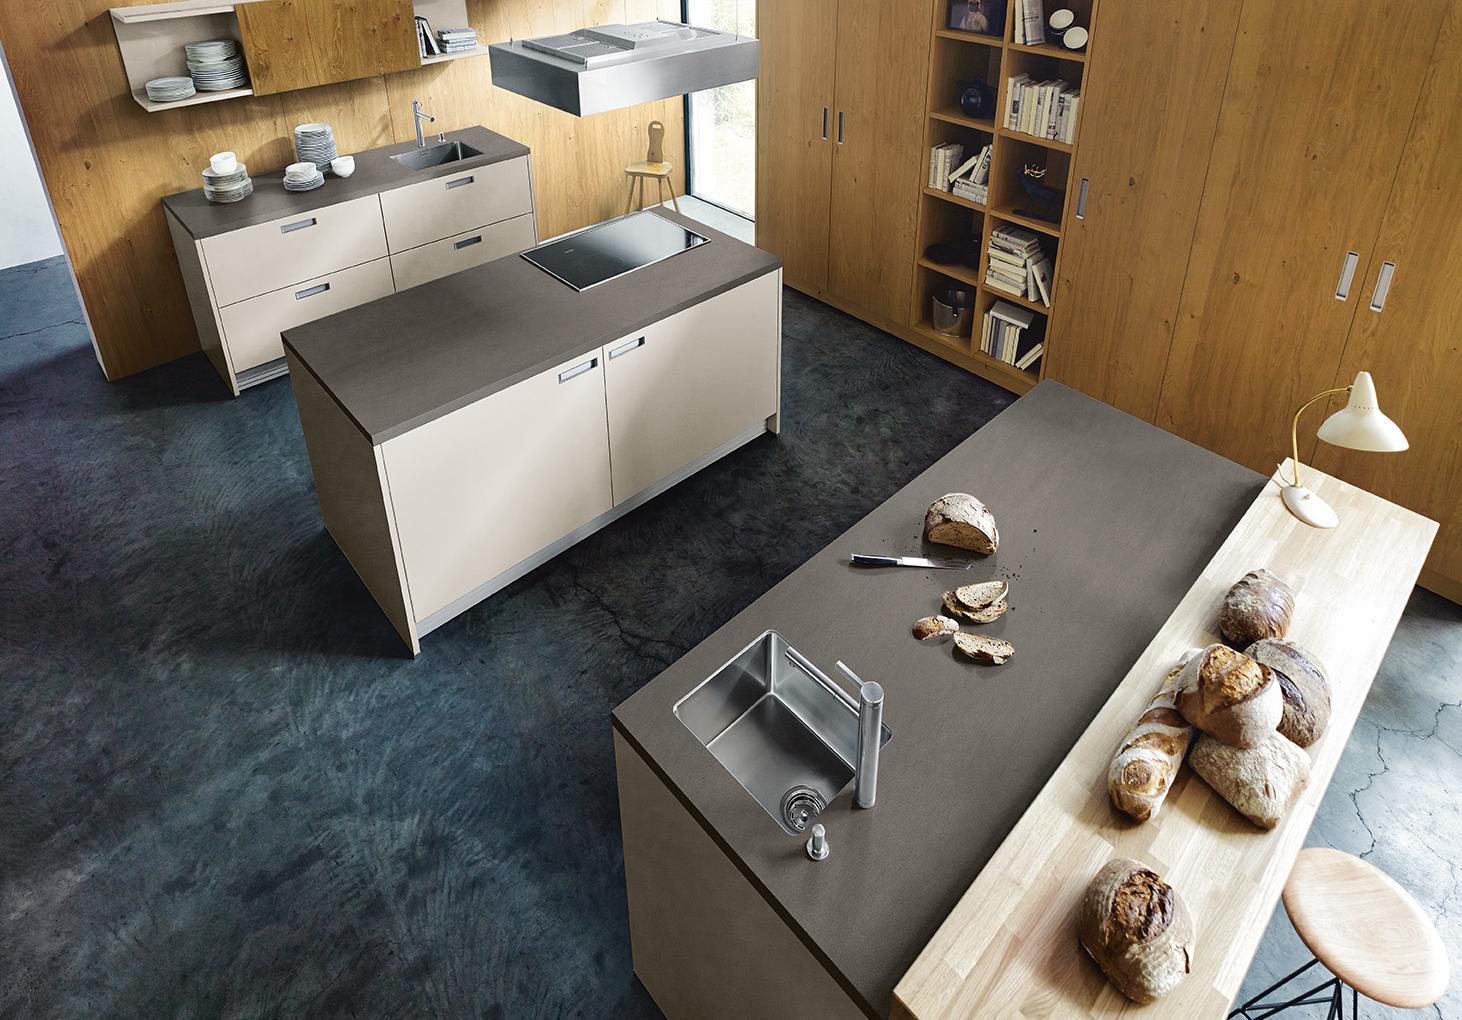 Cuisine moderne et chic et îlot central moderne haut de gamme style design